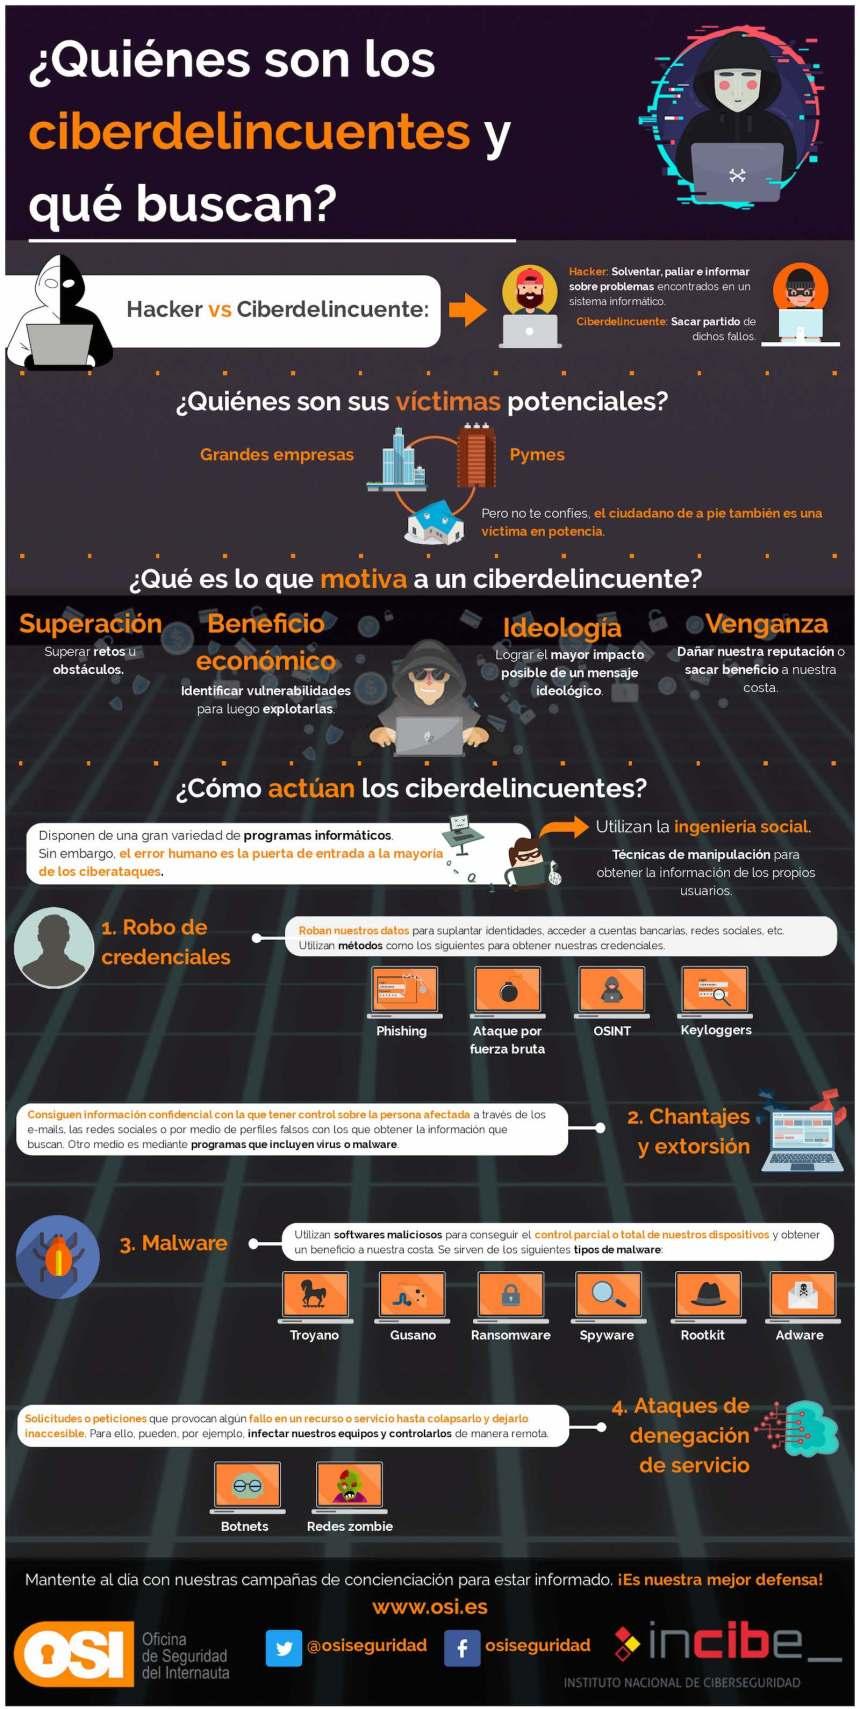 Quiénes son y qué buscan los ciberdelincuentes